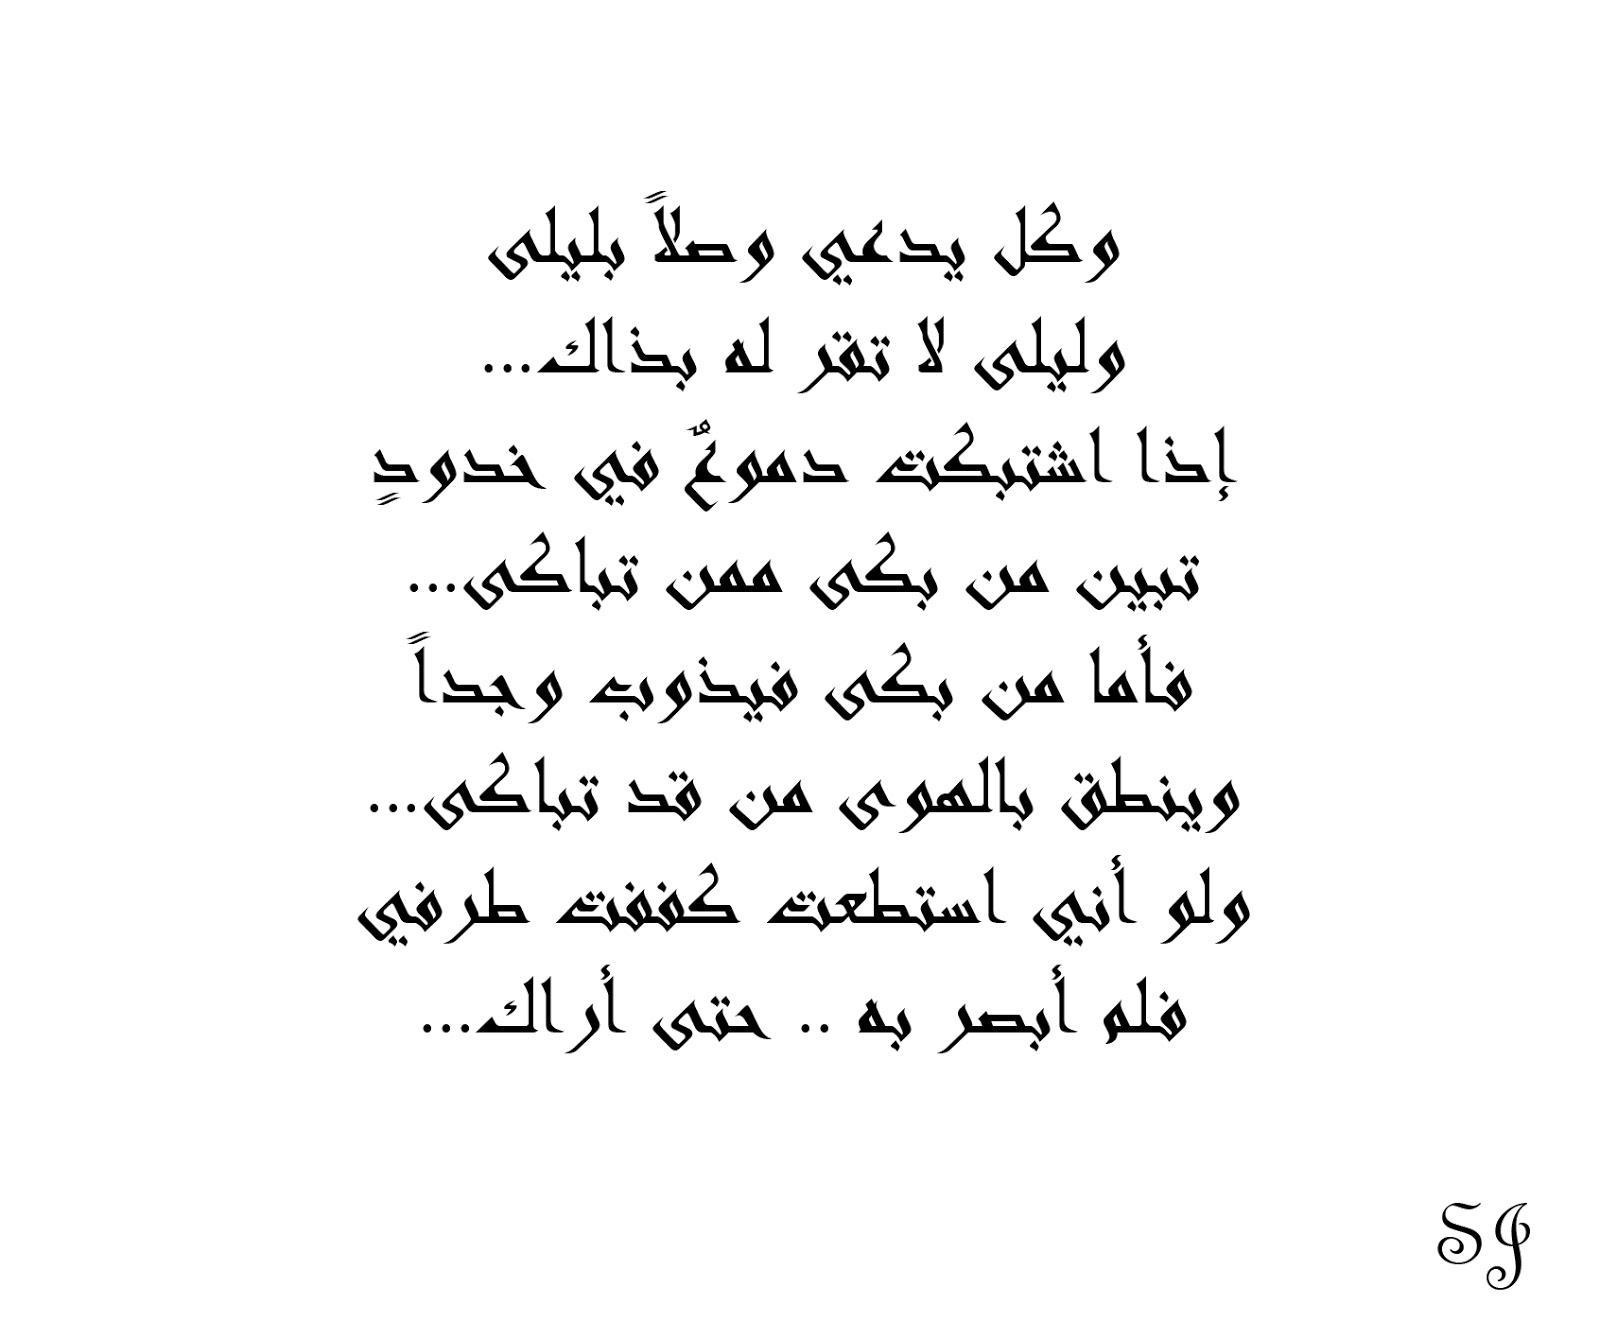 بالصور قصائد غزل فاحش , اروع قصائد الغزل الصريح 4904 2